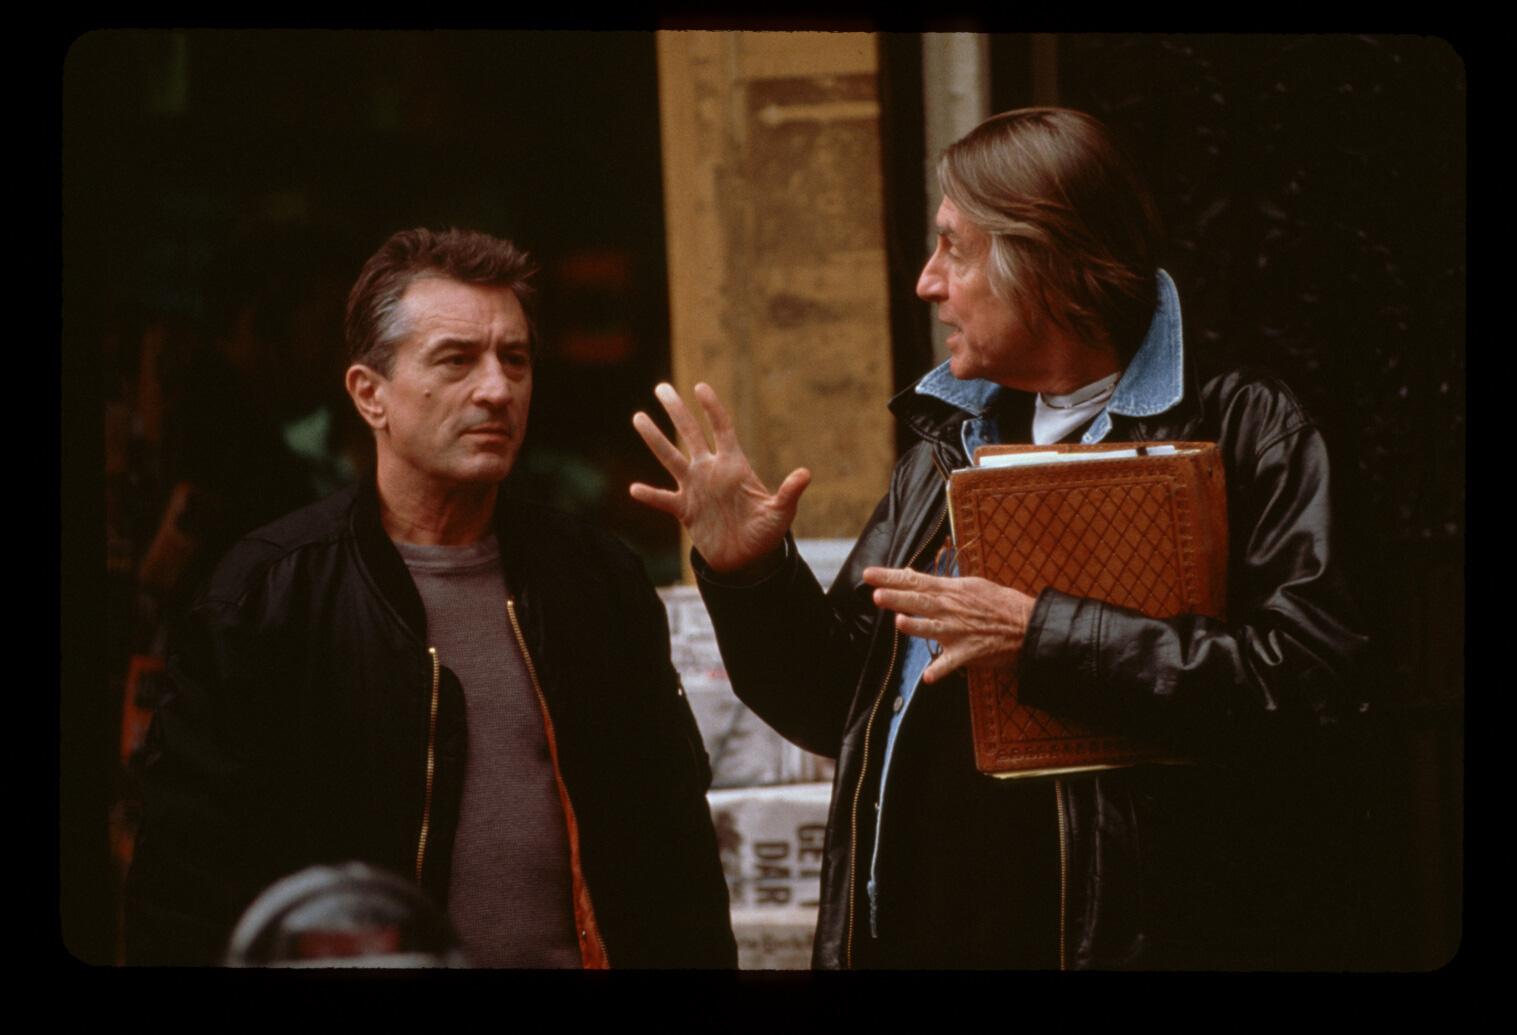 Robert De Niro and Joel Schumacher in Flawless (1999)